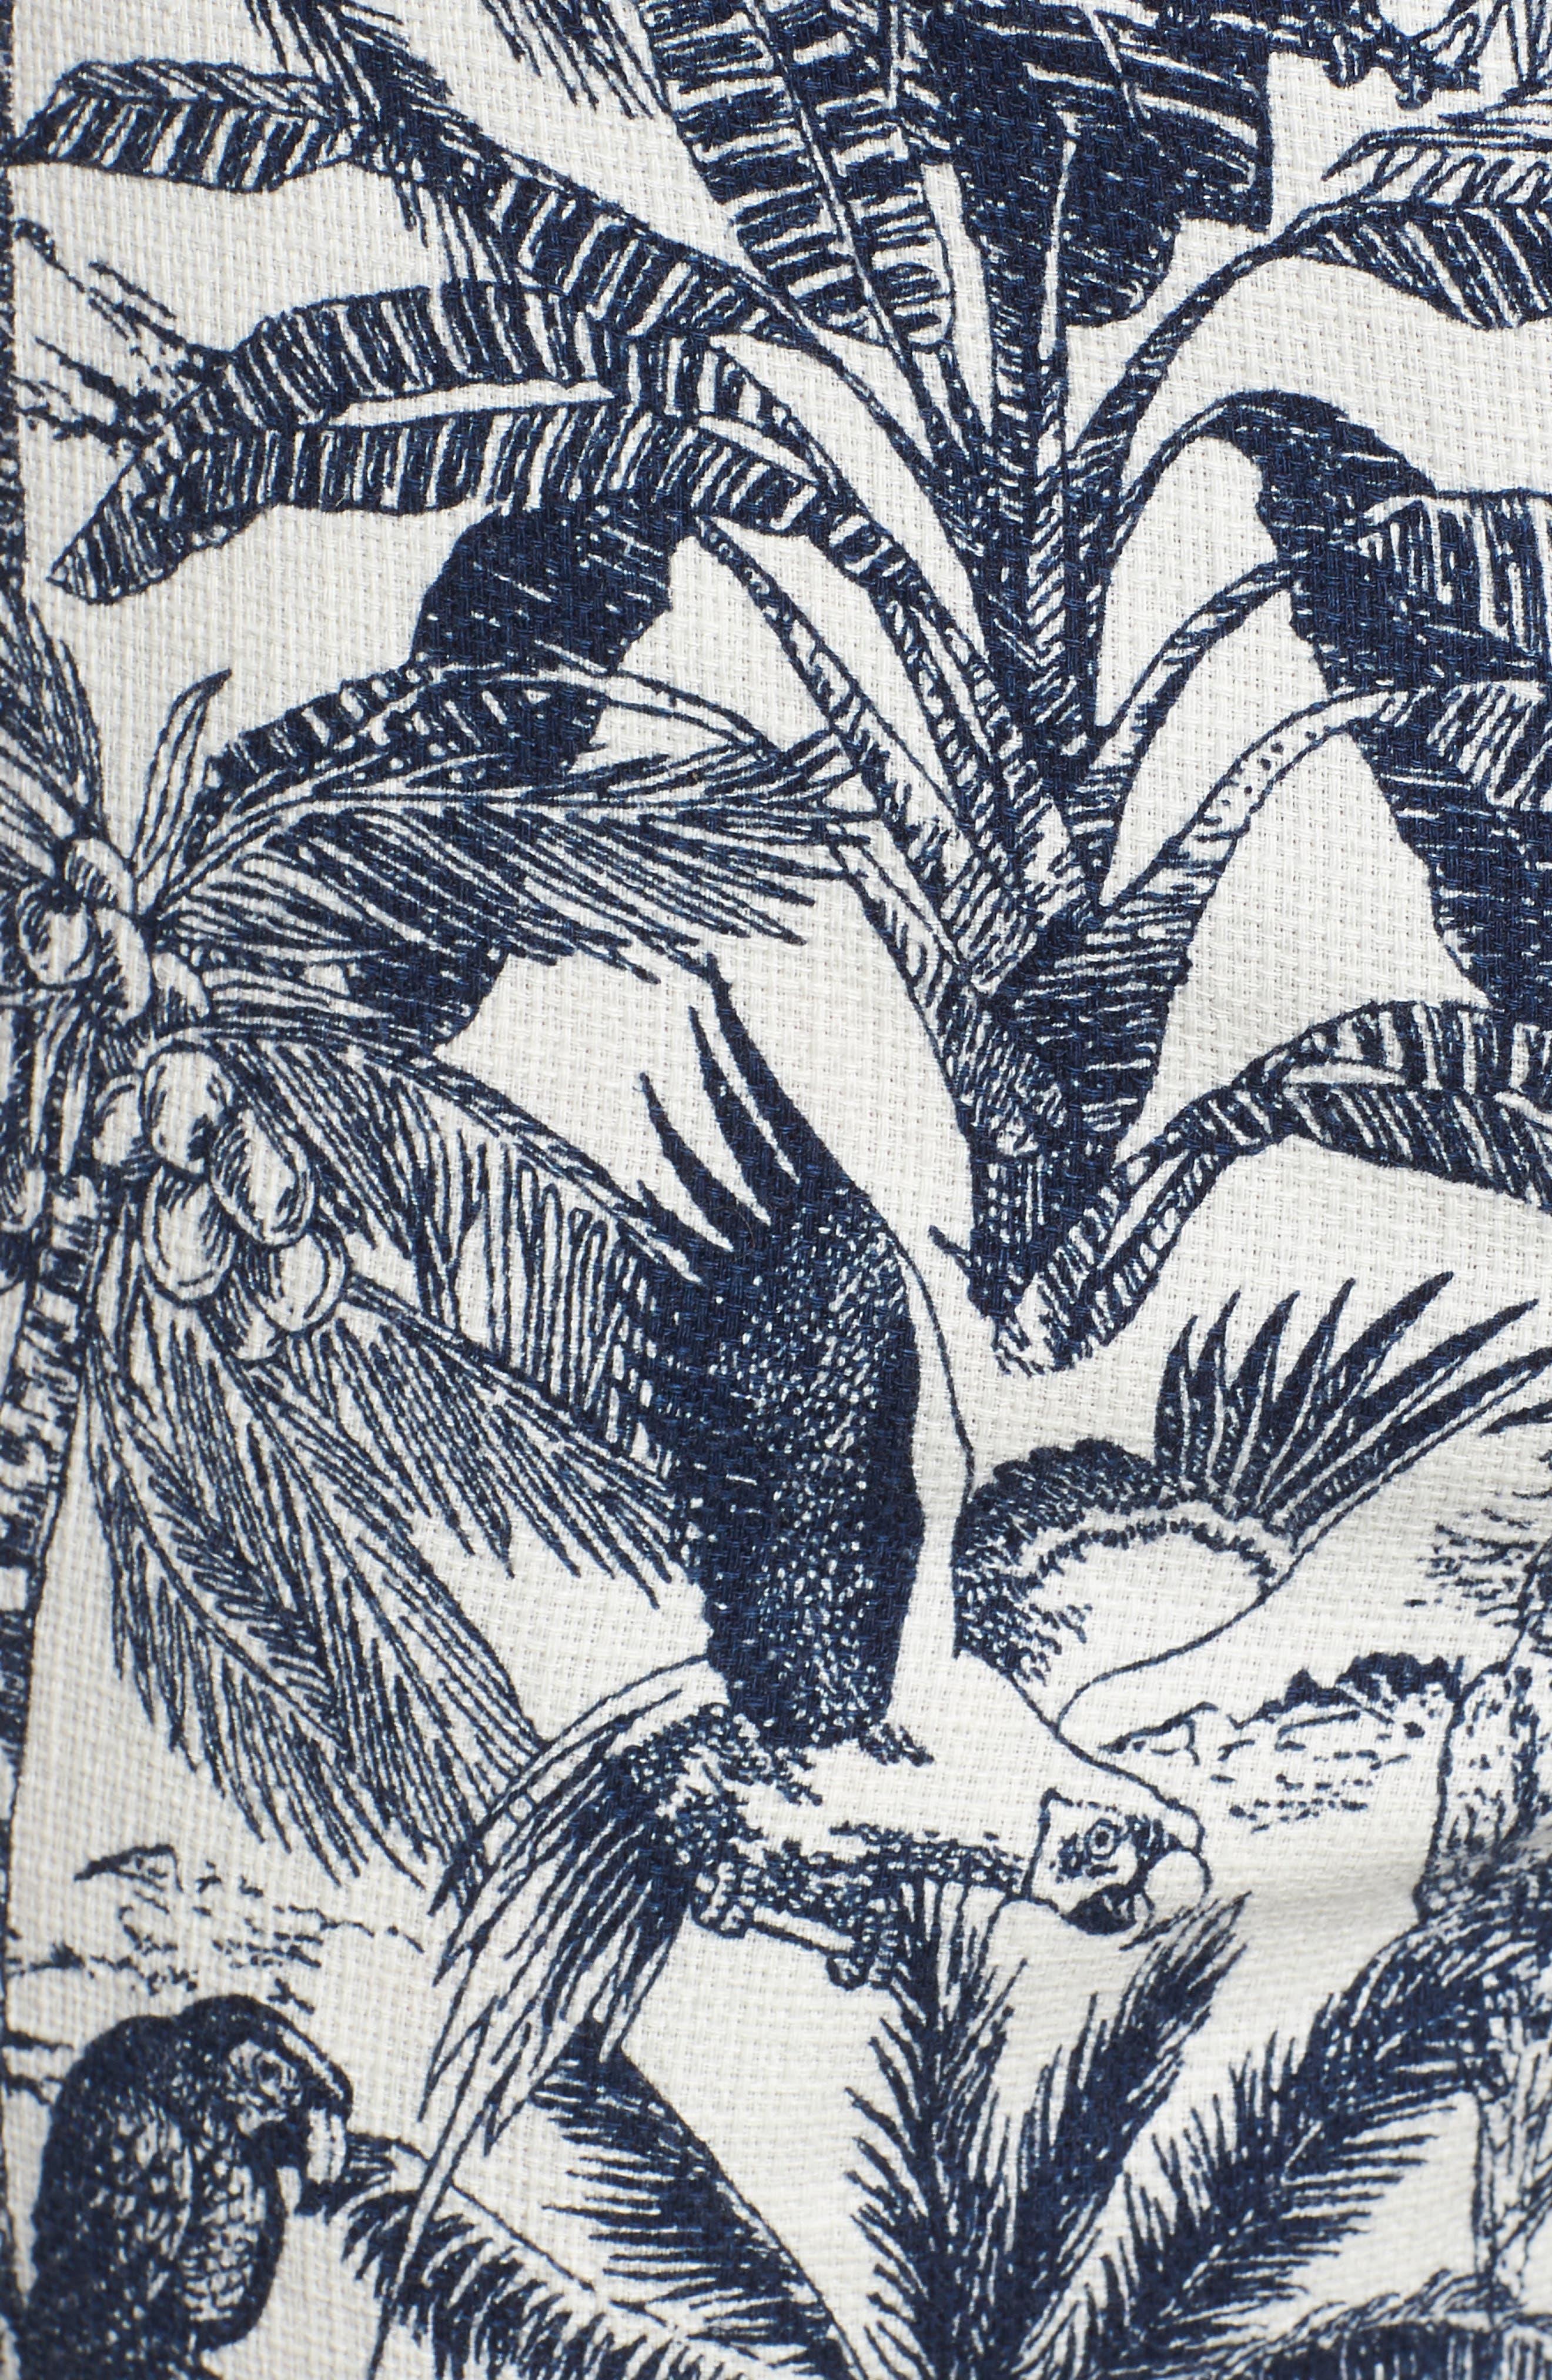 Cotton & Linen Shorts,                             Alternate thumbnail 5, color,                             White Palm Parrot Print